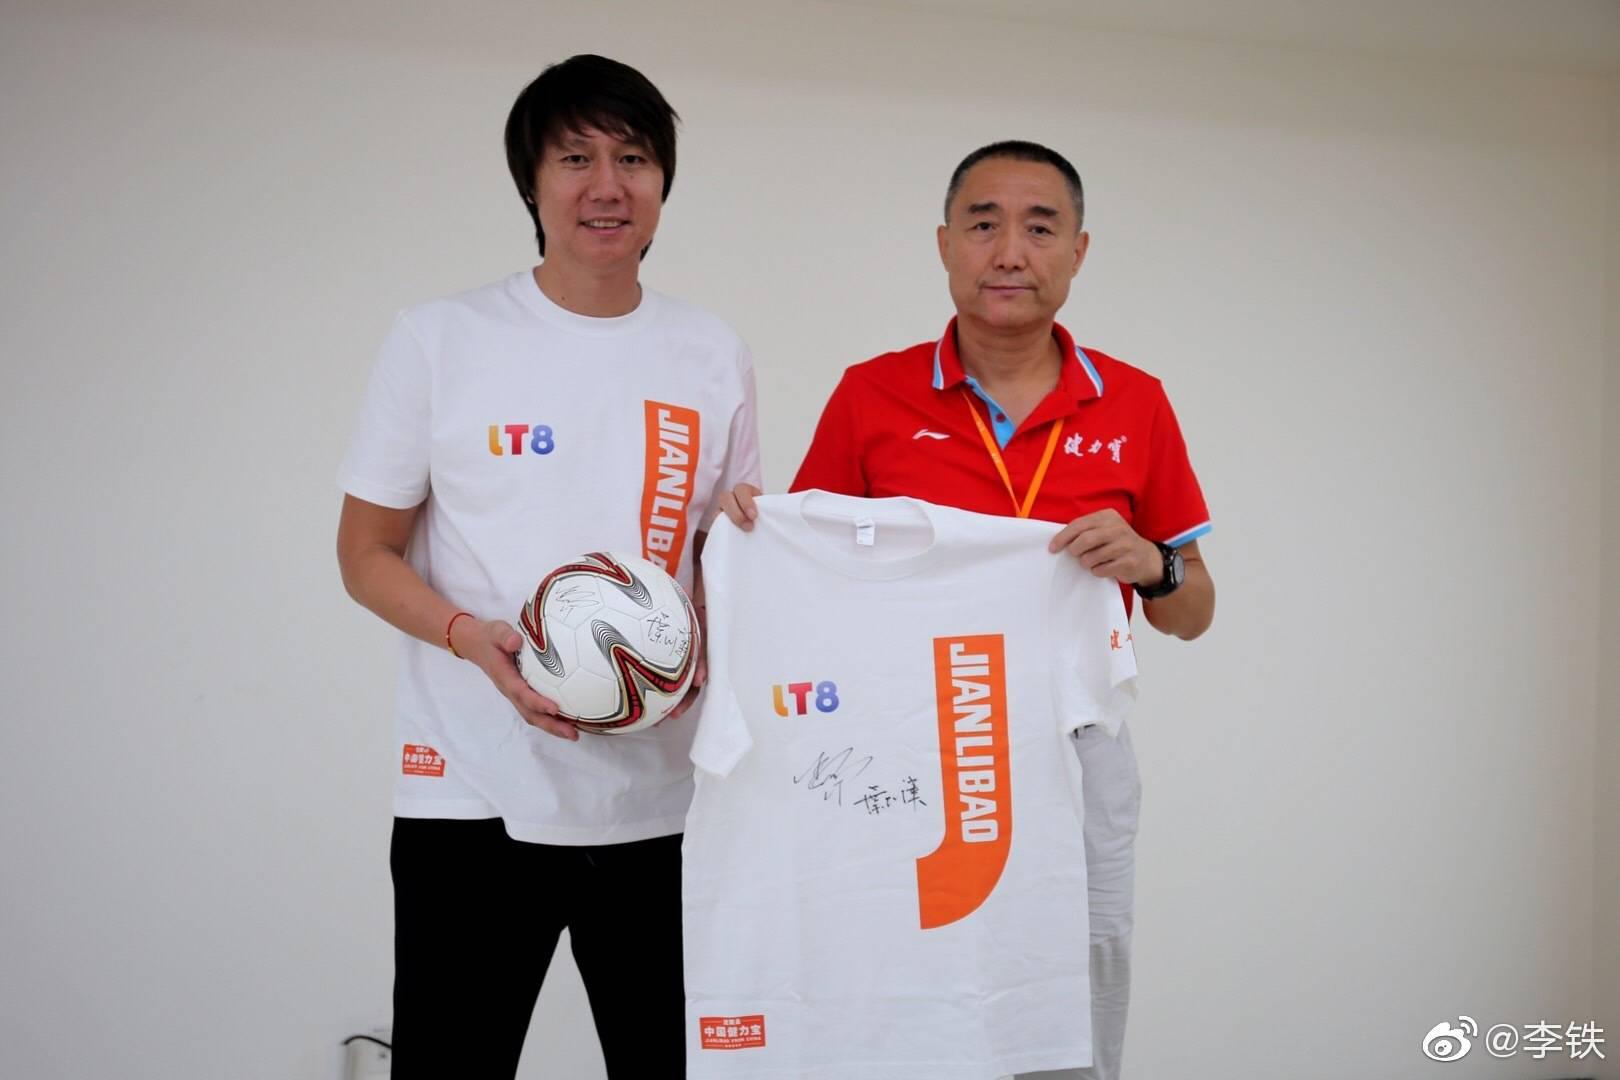 国足主帅李铁表示:常回家看看,健力宝对于我来说真的就像家一样